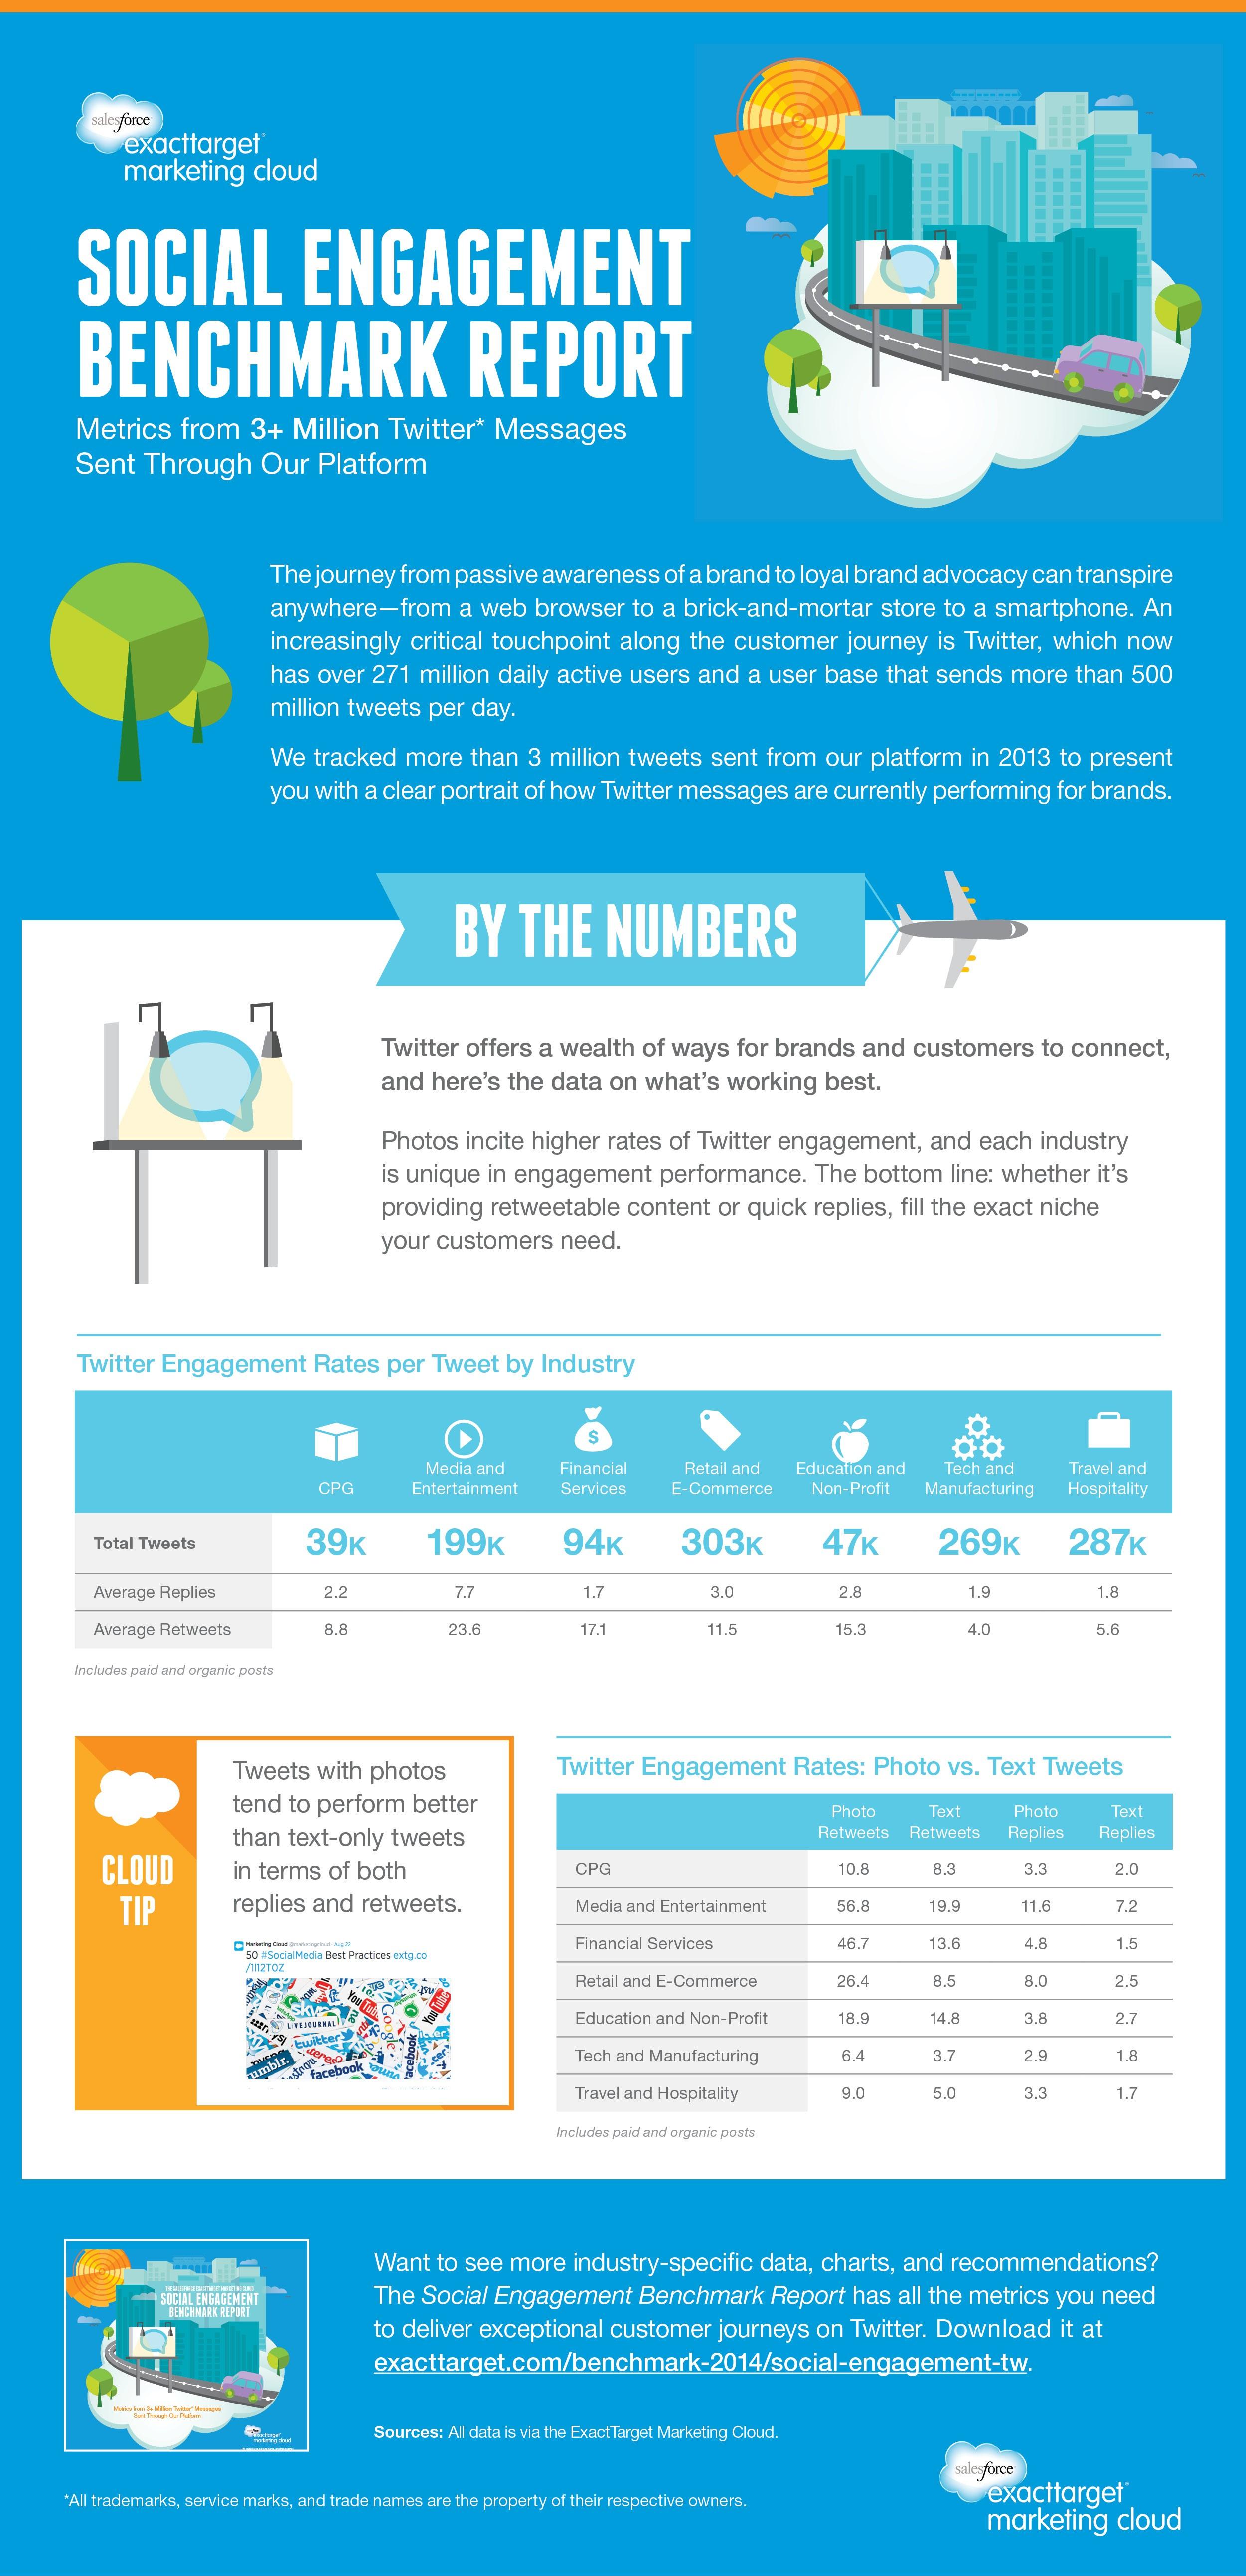 Nuevas herramientas para medir el retorno de la inversión (ROI) en Twitter